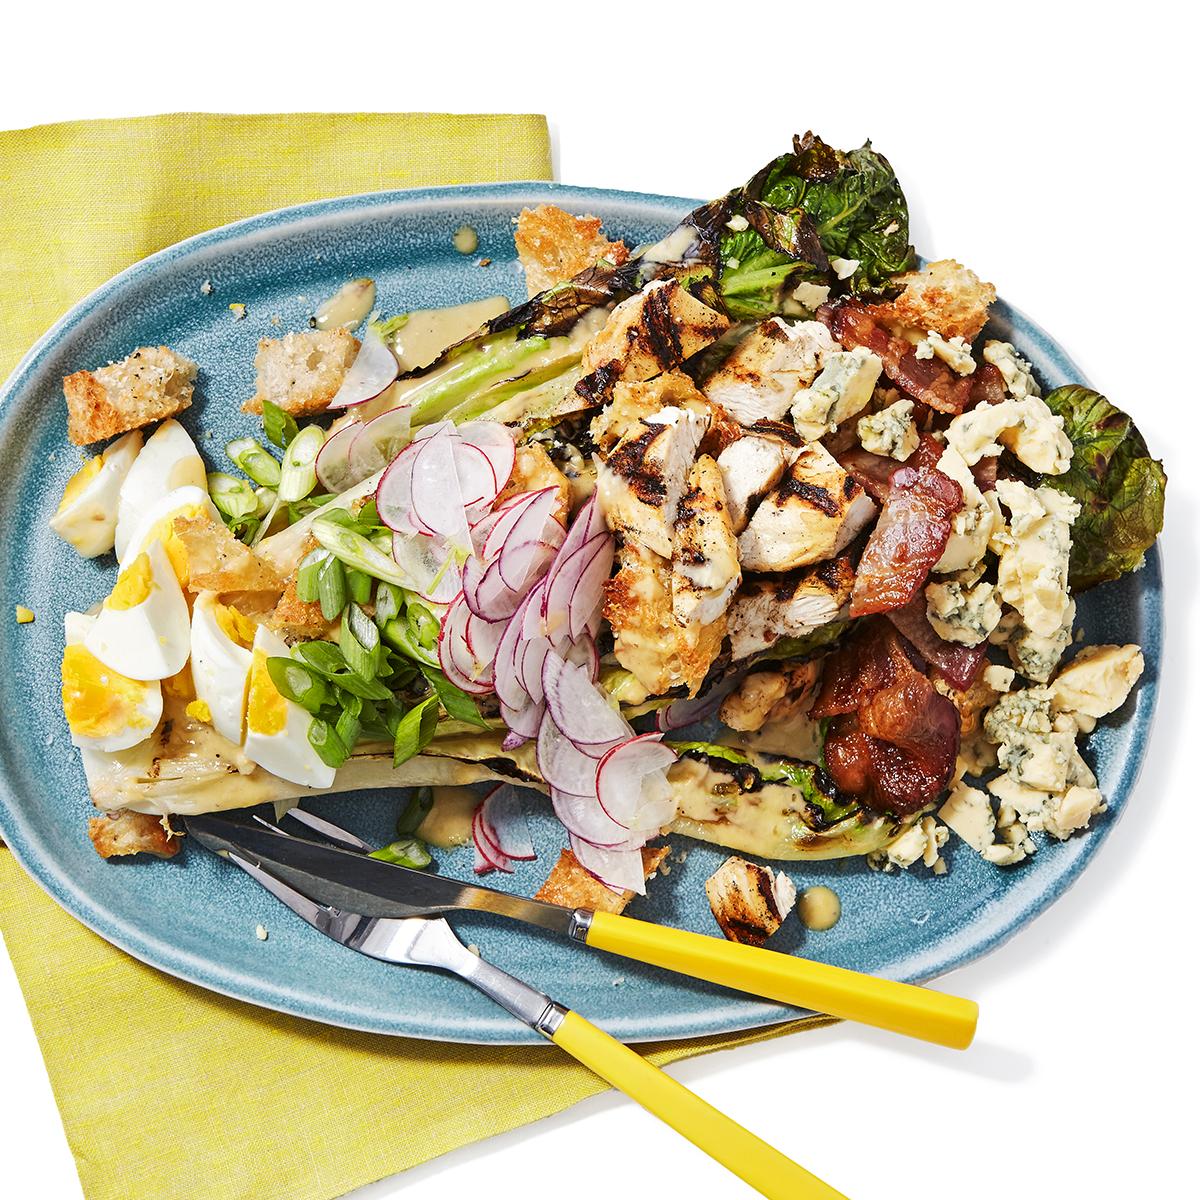 grilled romaine caesar and cobb salad